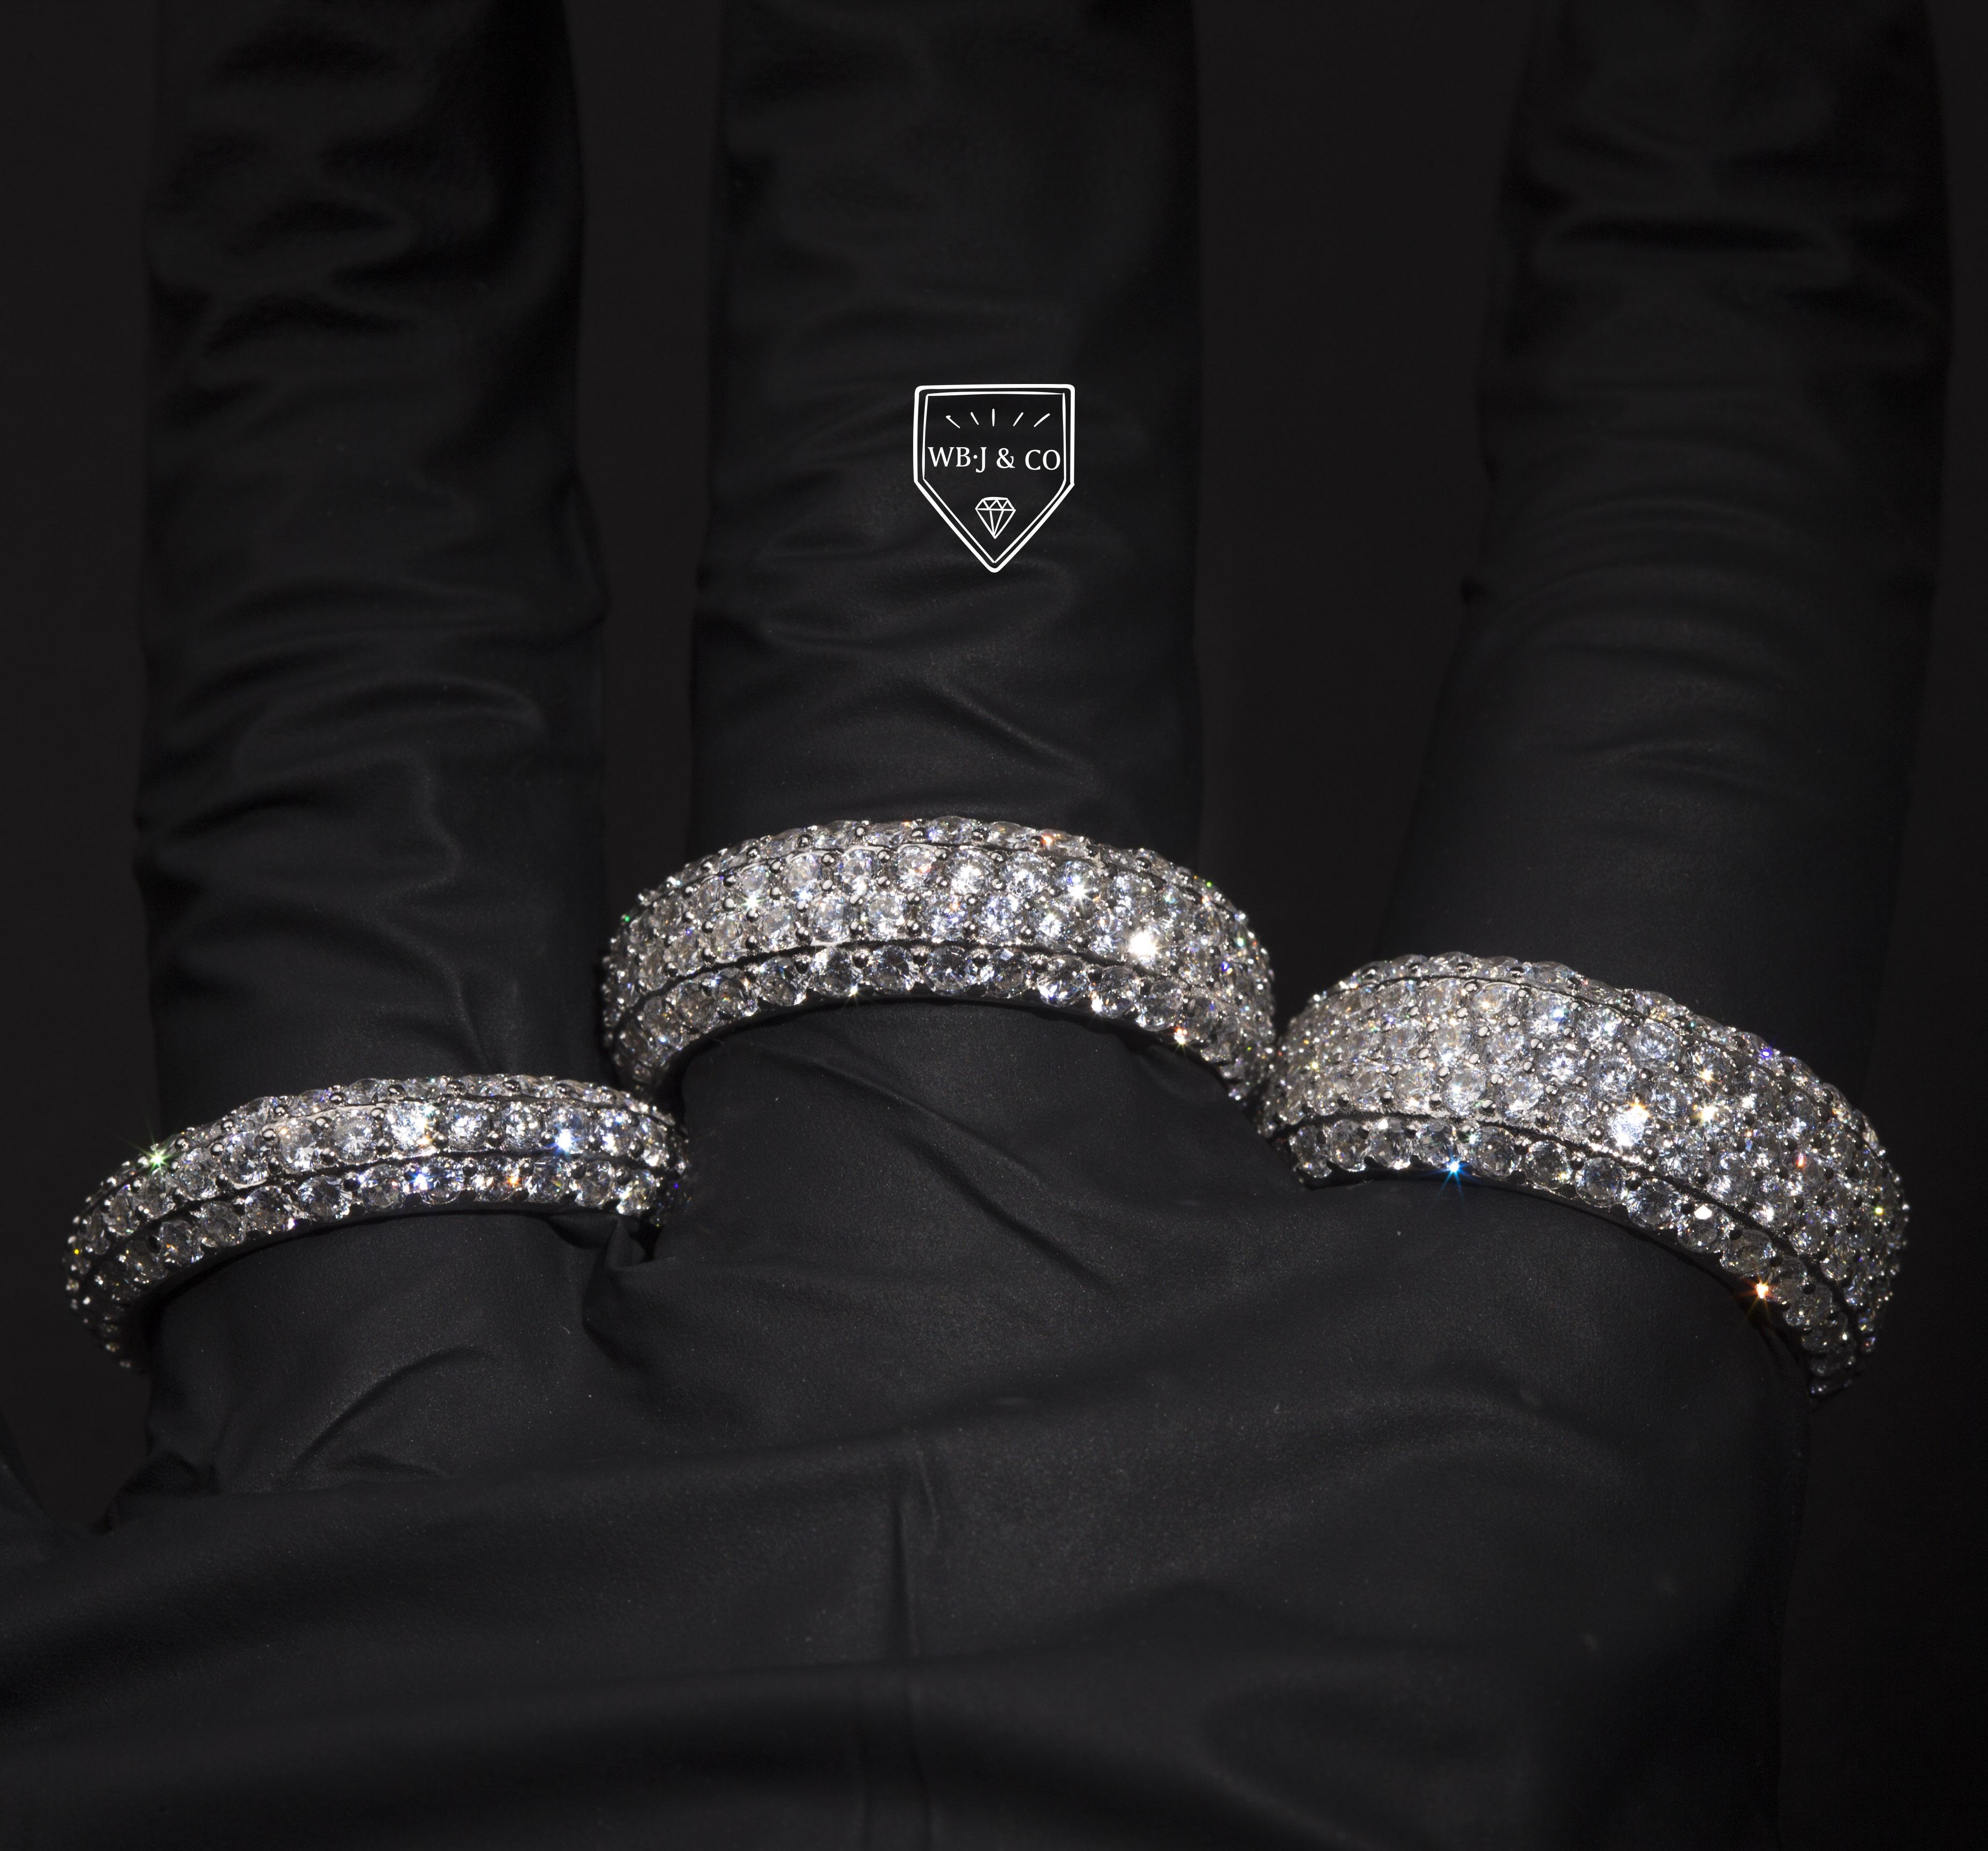 满圈镶嵌戒指戒指hiphopWBJ定制珠宝密钉镶嵌戒指